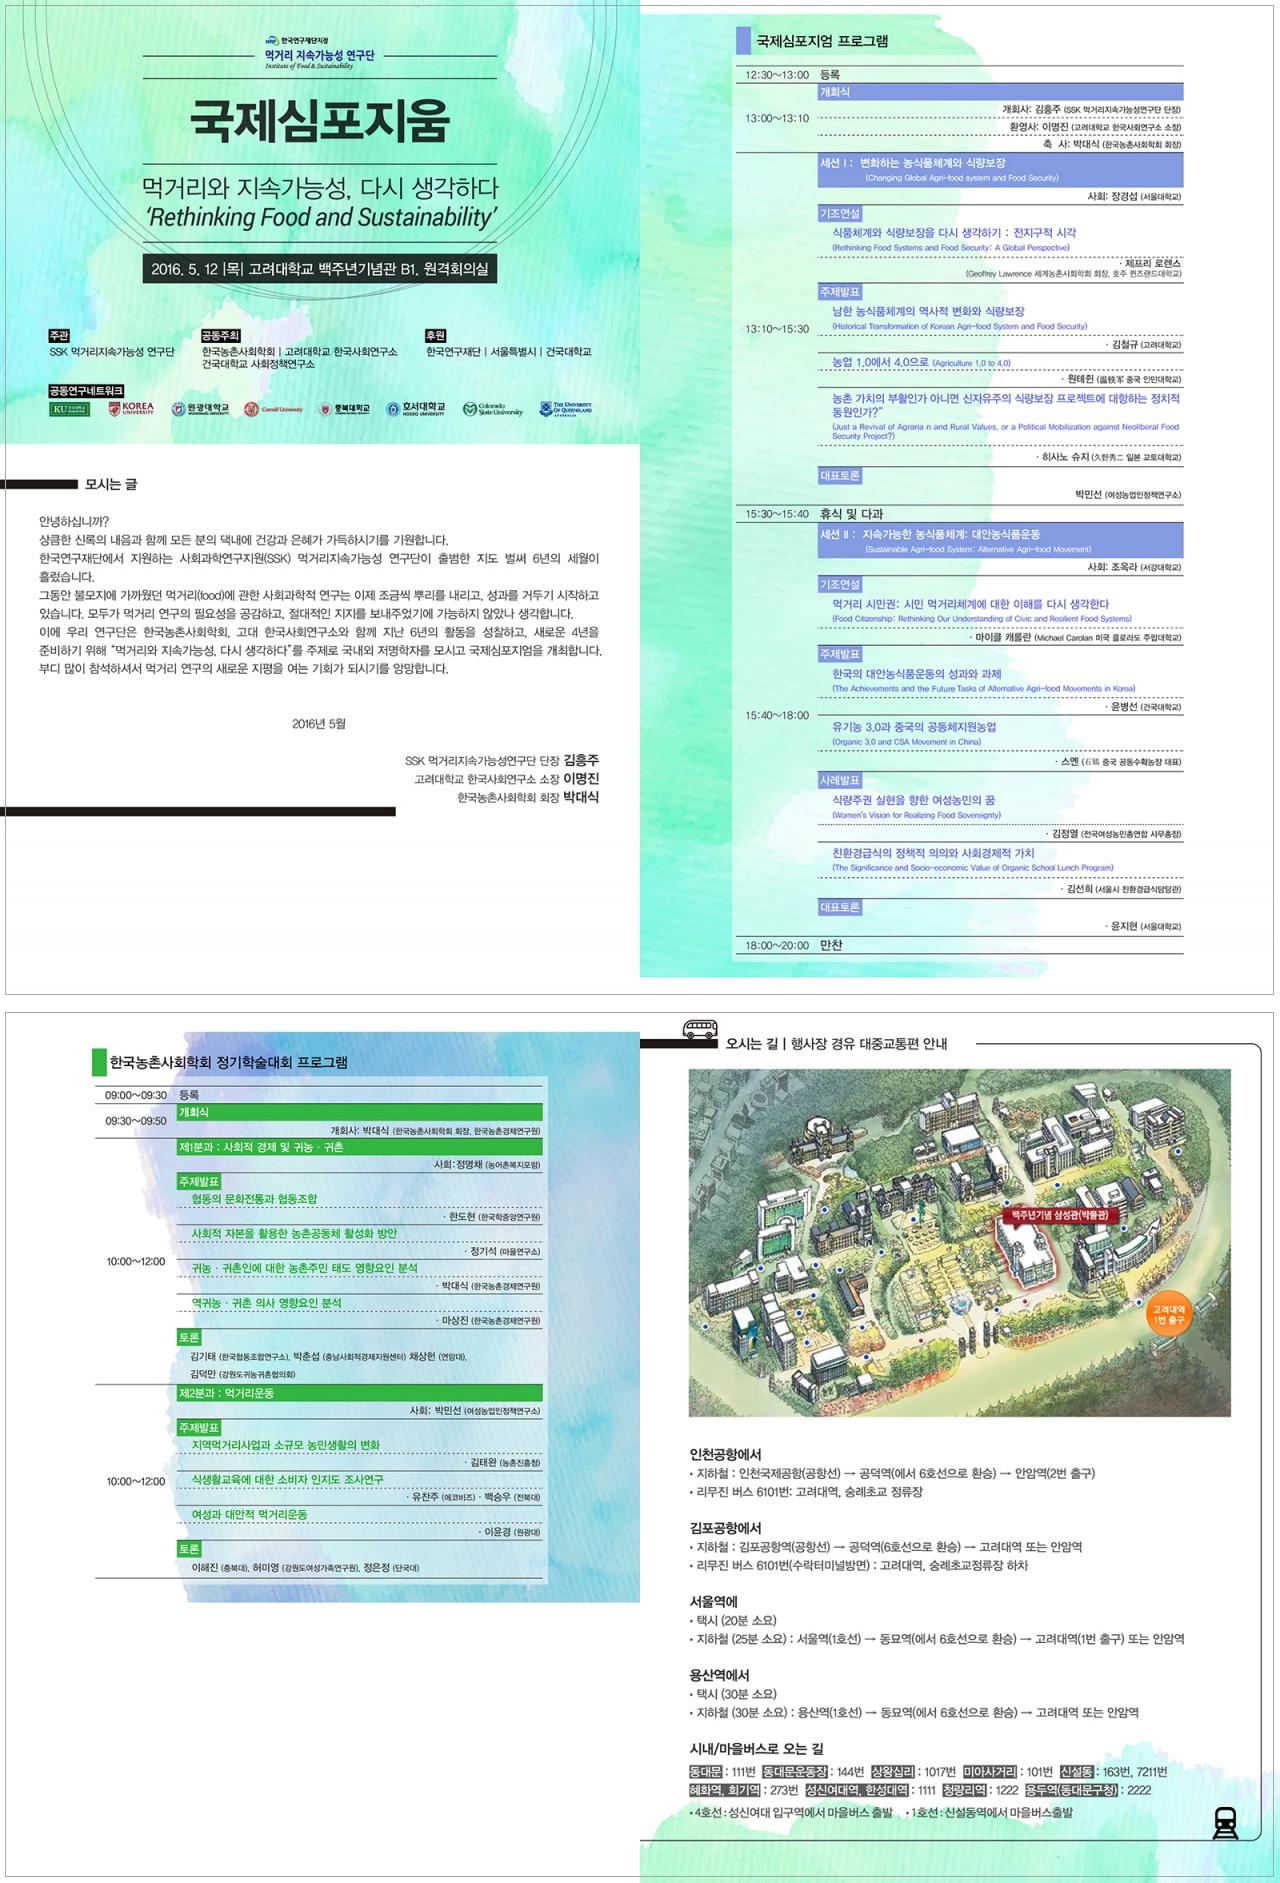 160512_먹거리연구단국제심포_웹초청장02.jpg